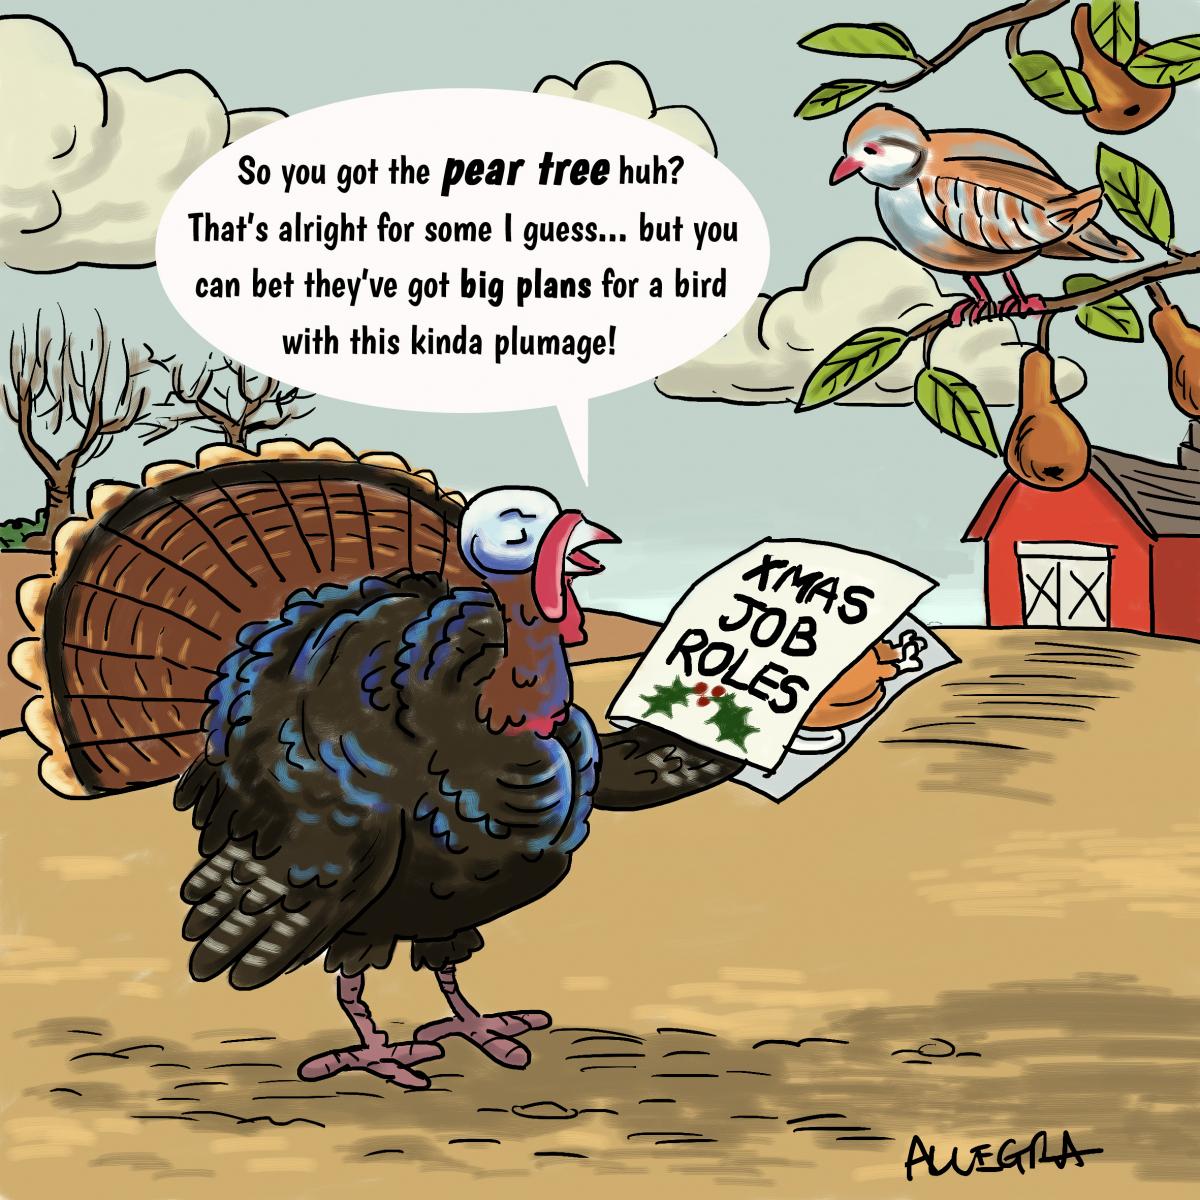 Turkey-job-done